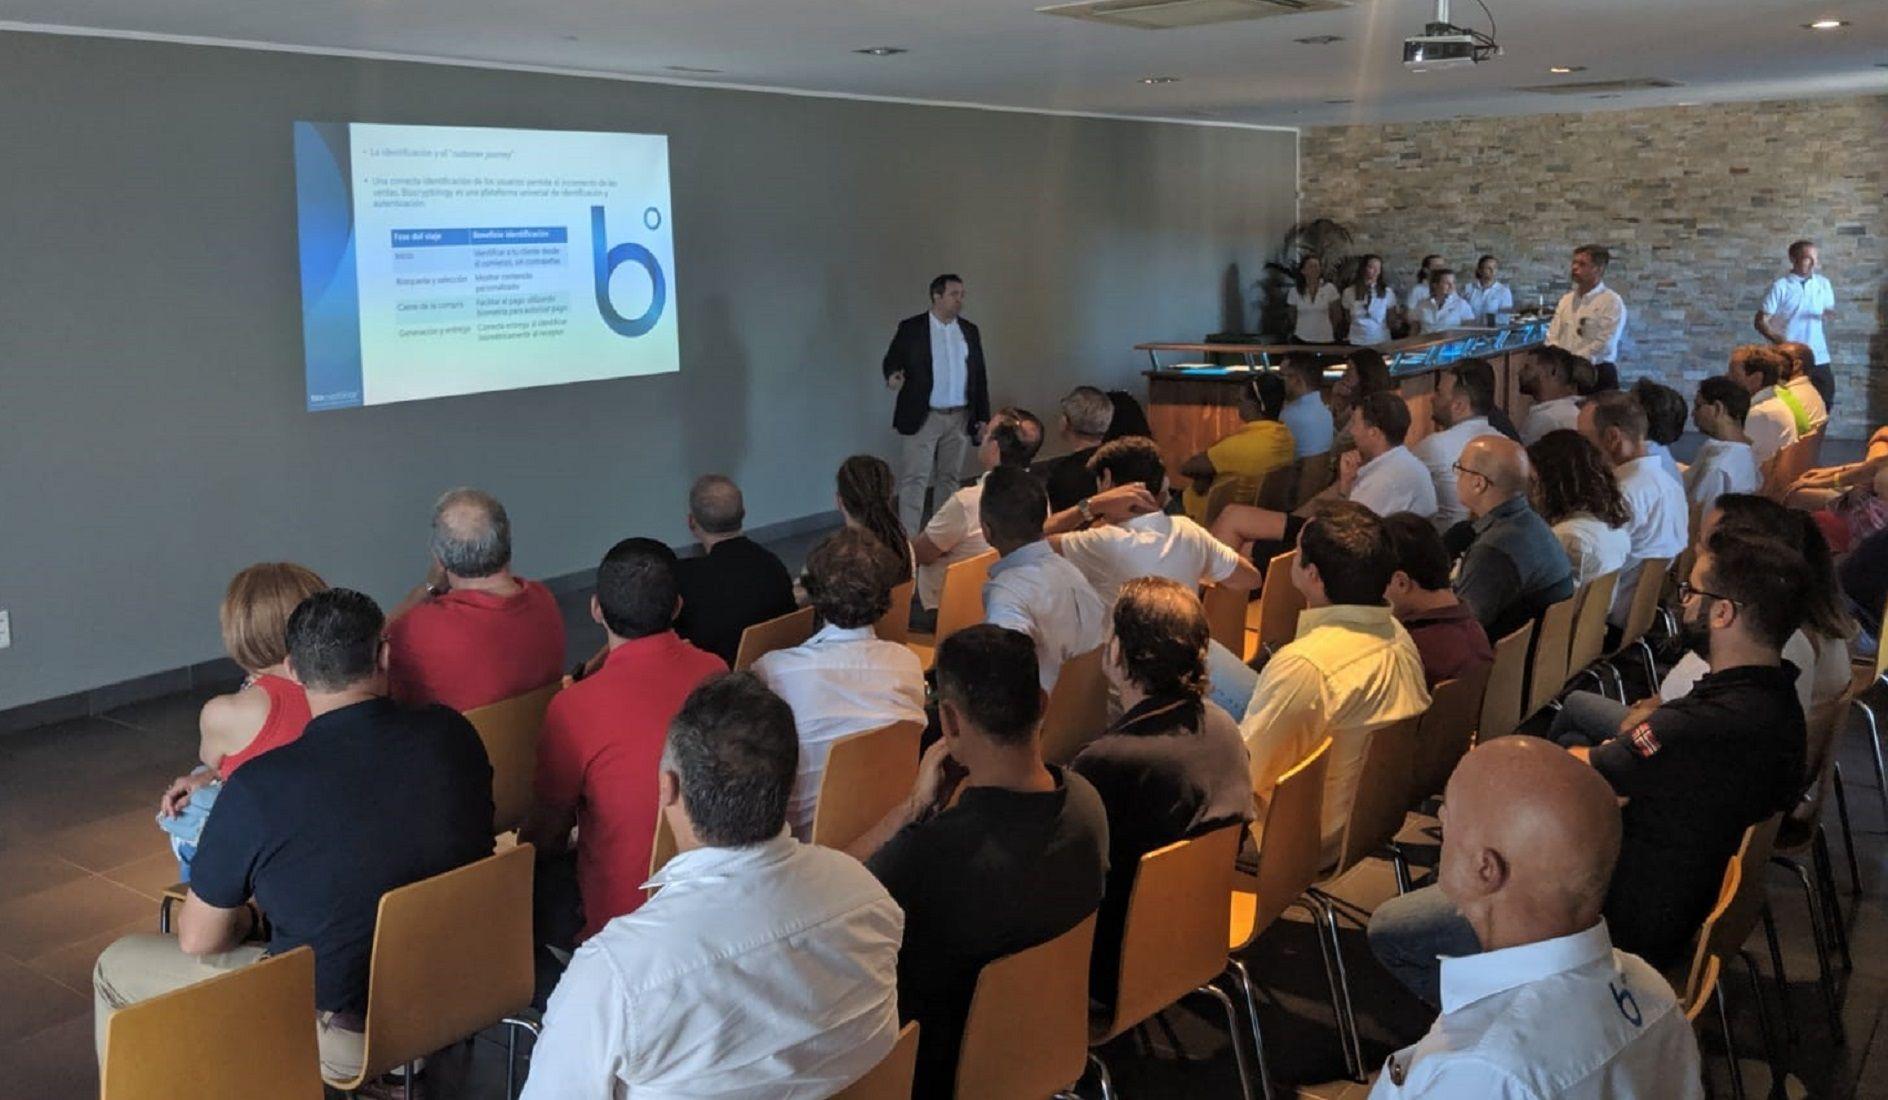 Foto de Biocryptology presentación